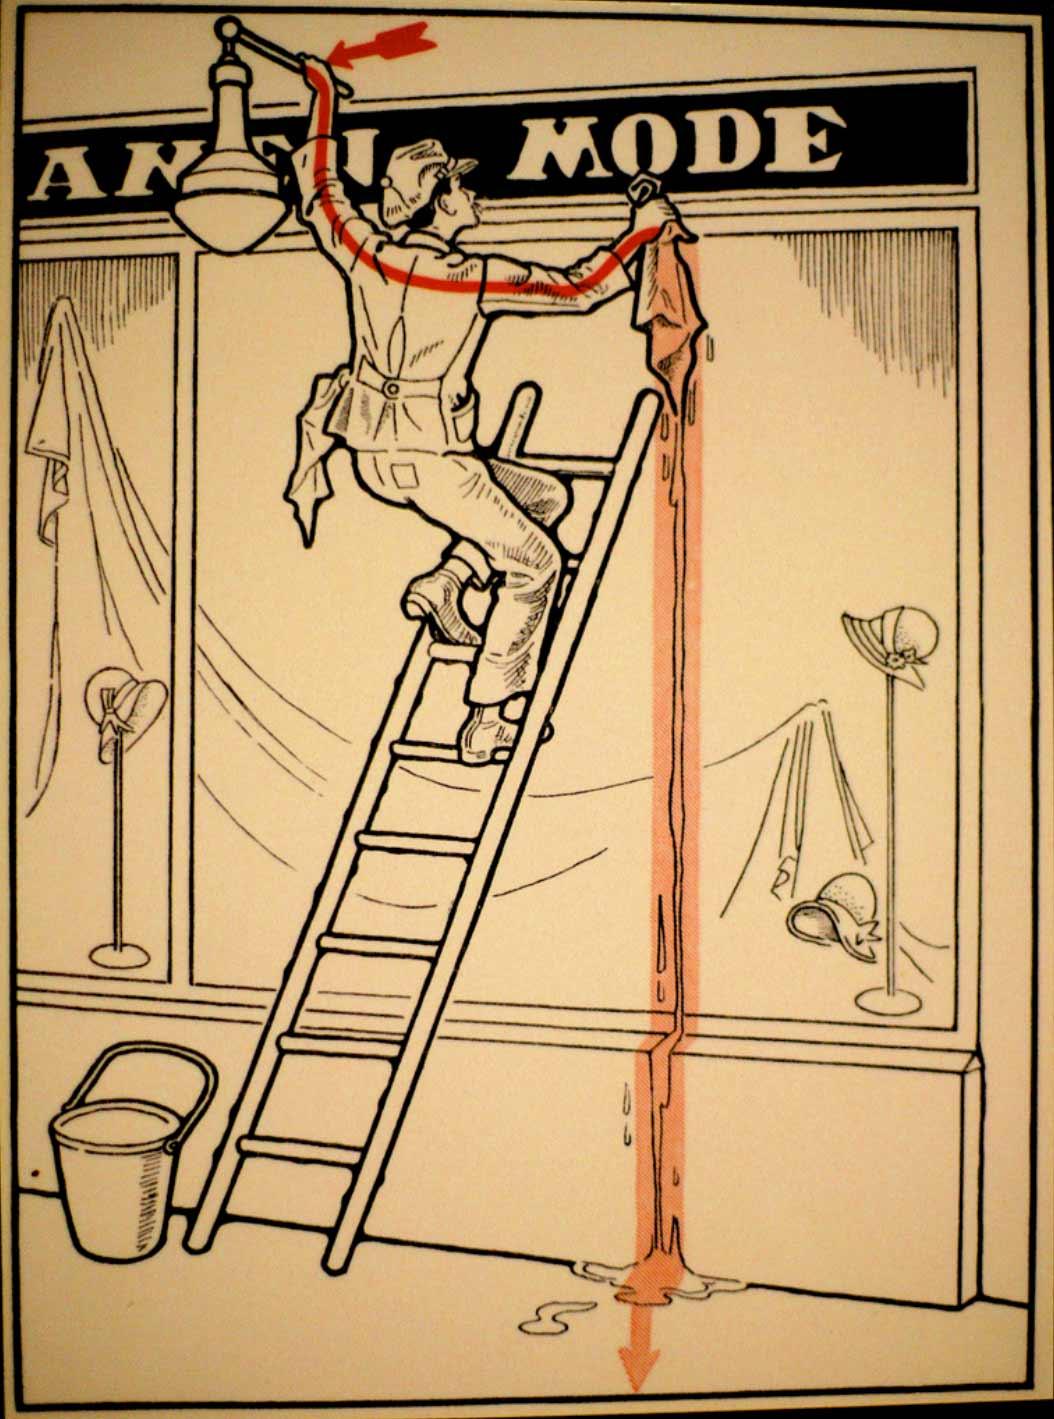 1931 wurde vor skurrilen Arten eines Stromschlages gewarnt Elektroschutz-in-132-Bildern_09